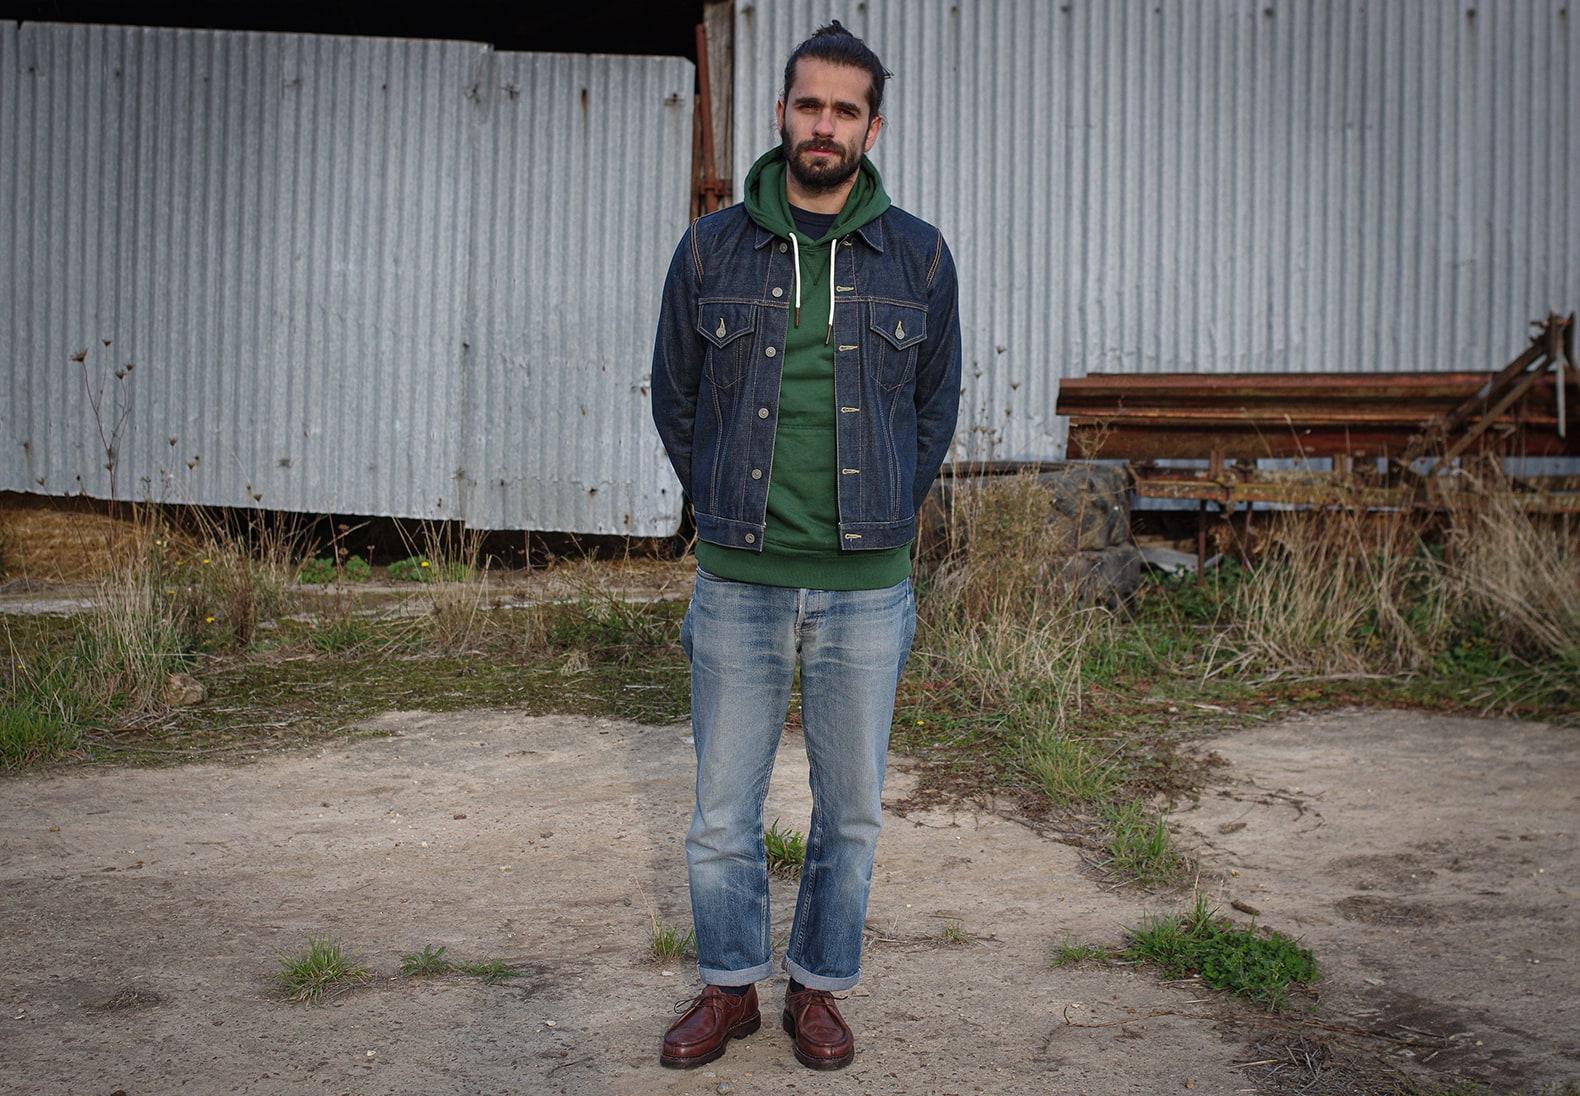 comment porter un sweat à capuche hoodie homme aevc une veste en jean